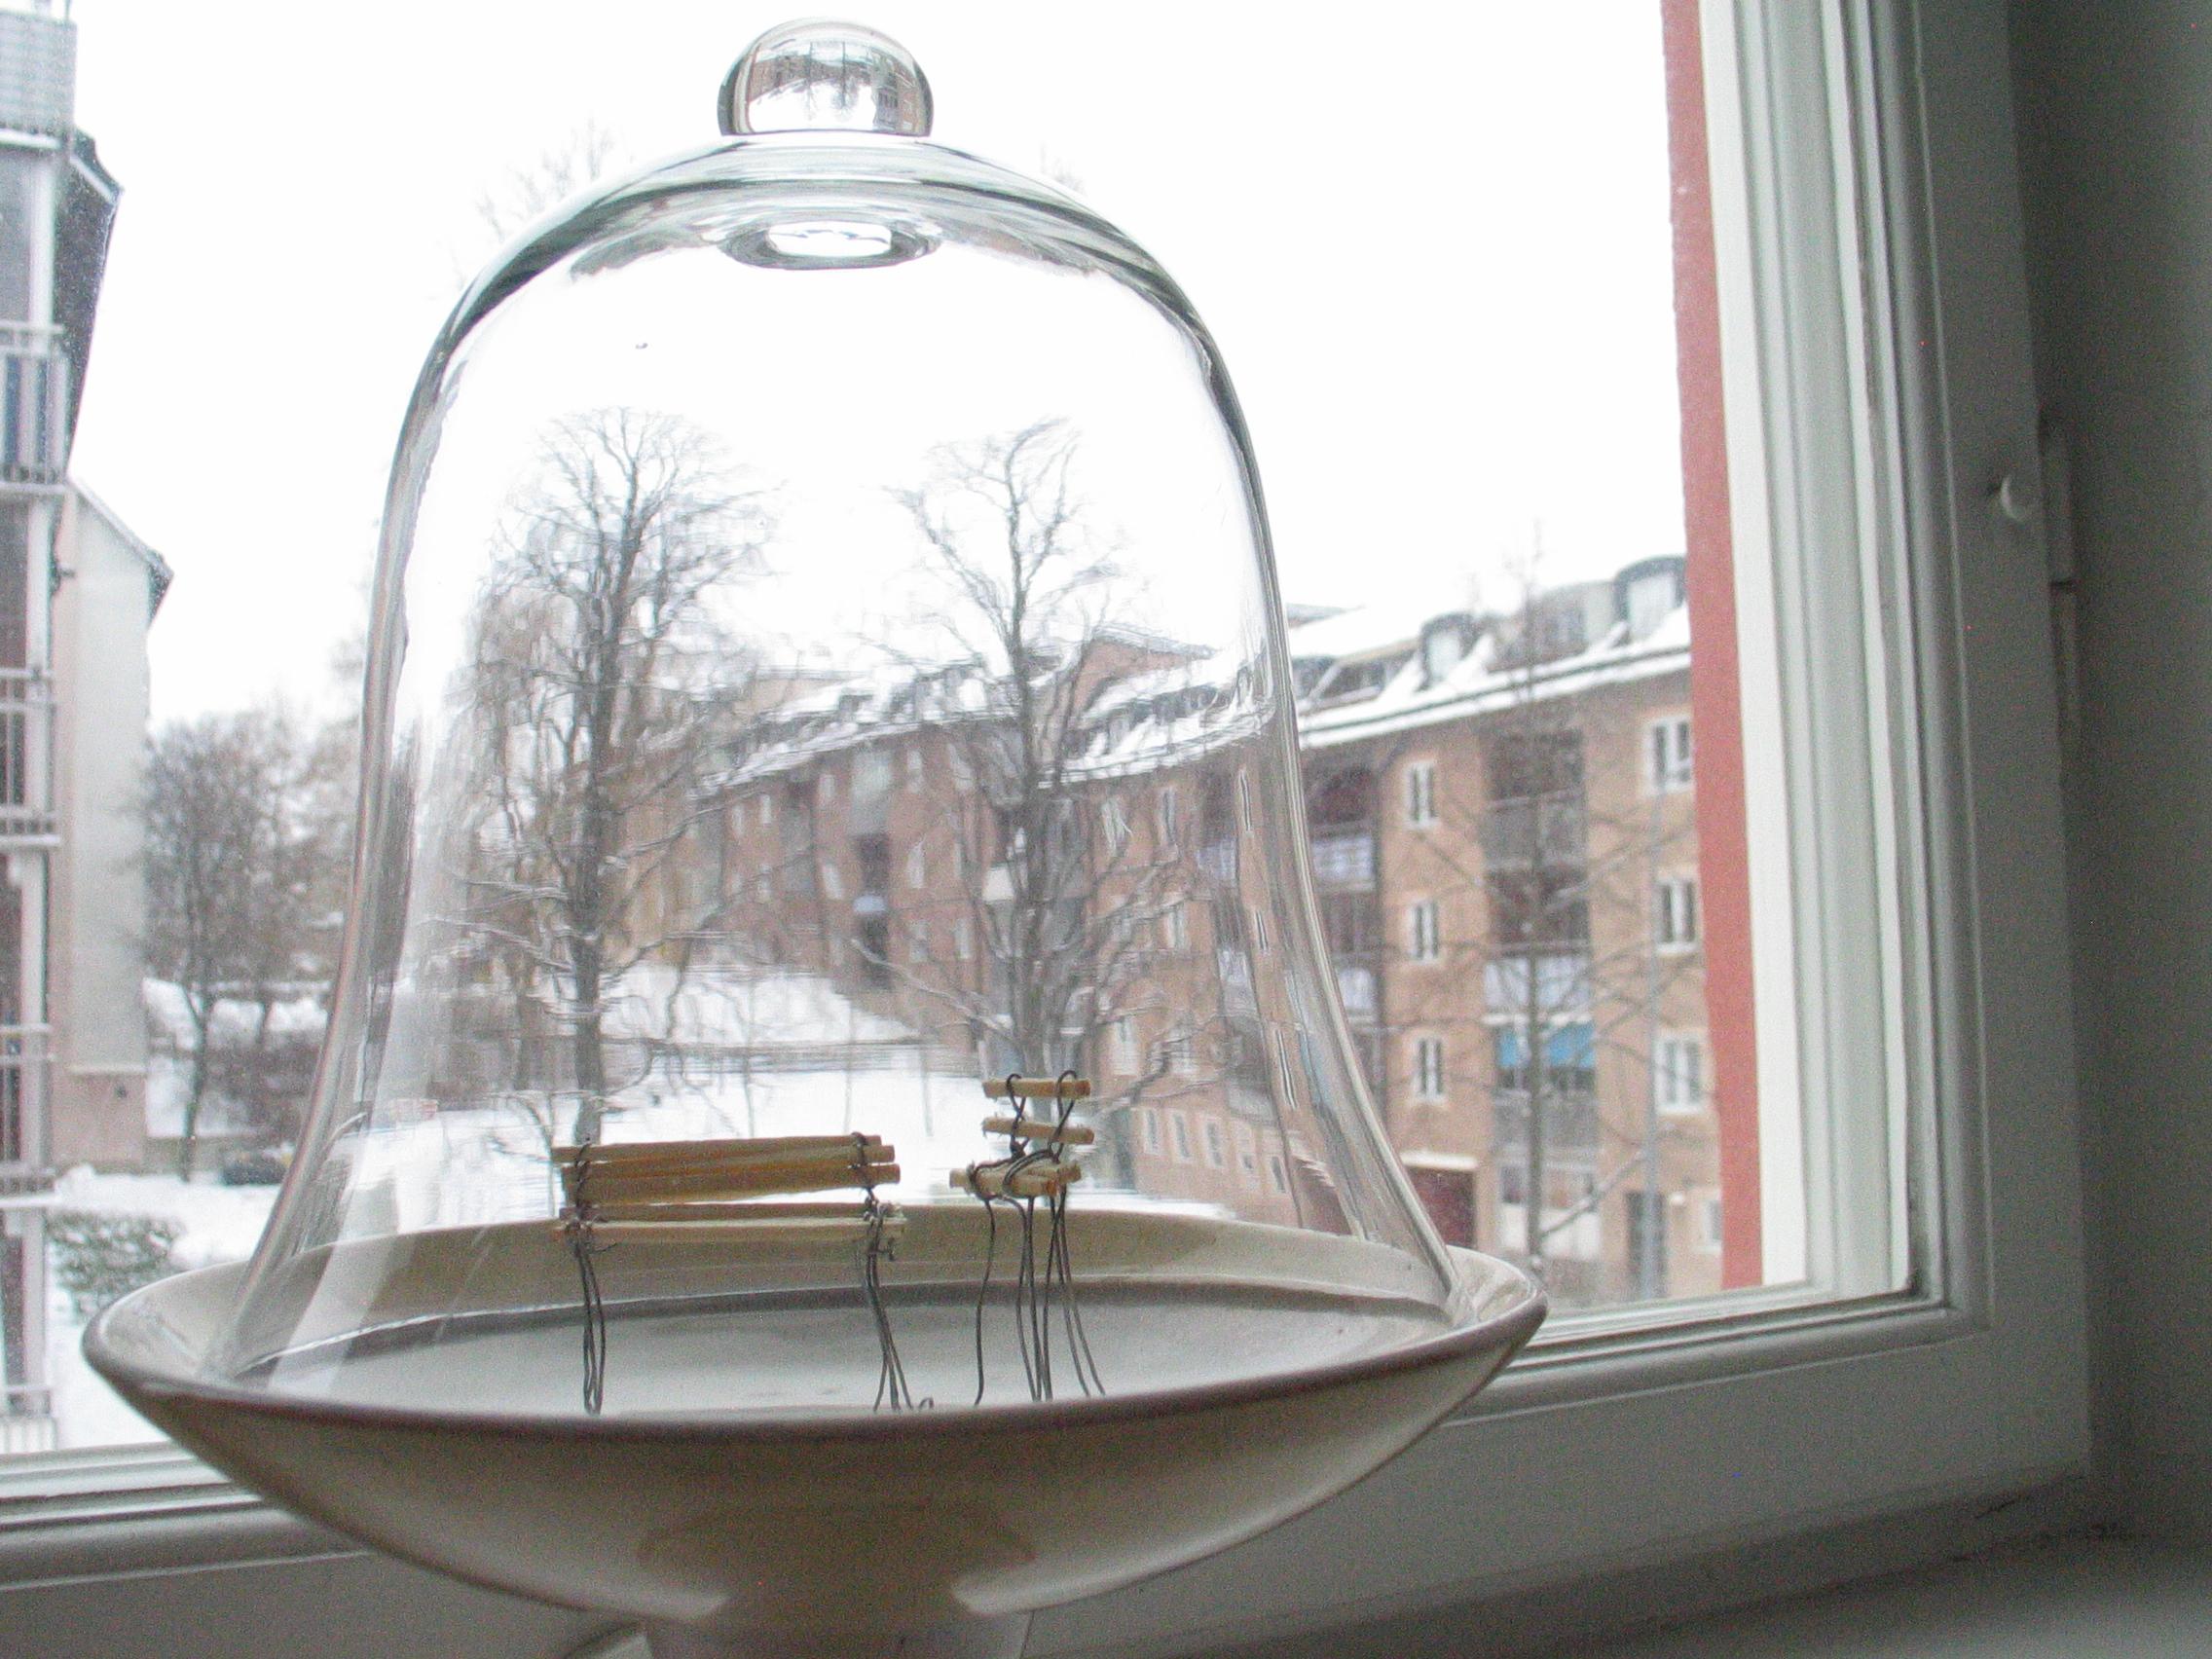 Sparar våren i en liten glaskupa.